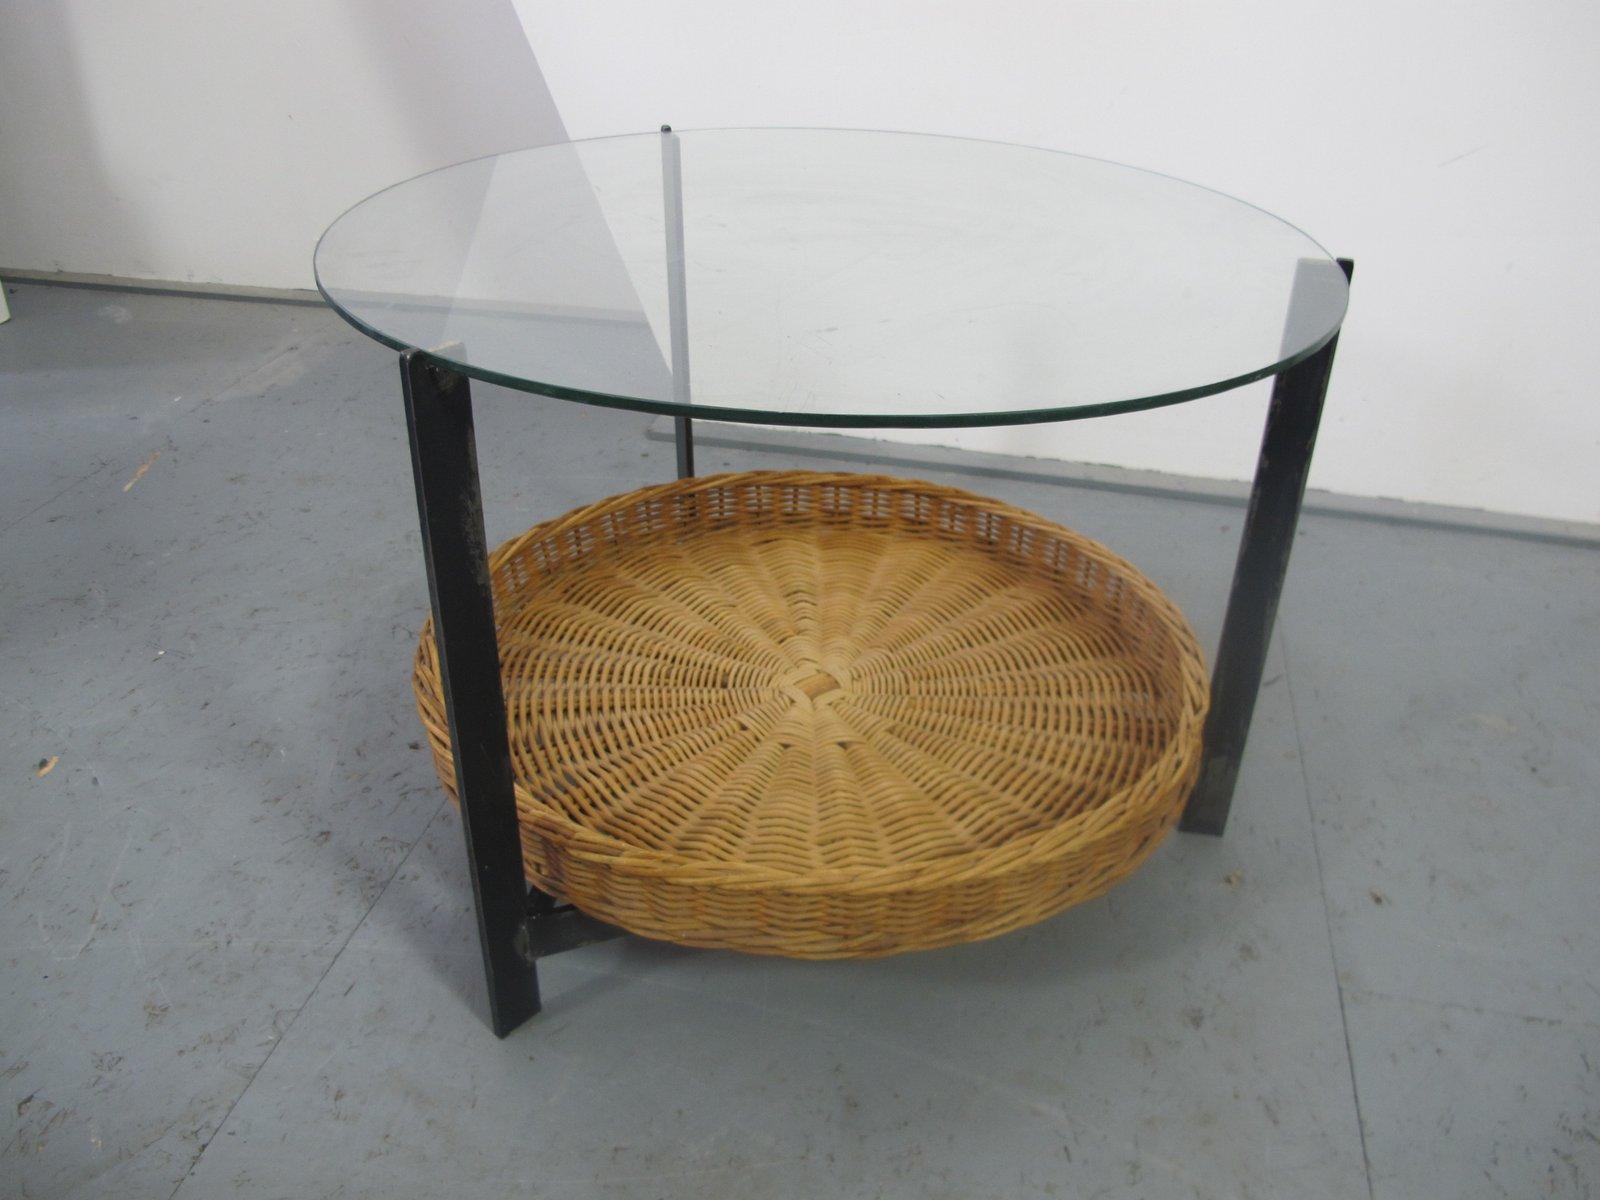 Beistelltisch aus stahl glas rattan 1960er bei pamono for Beistelltisch rattan